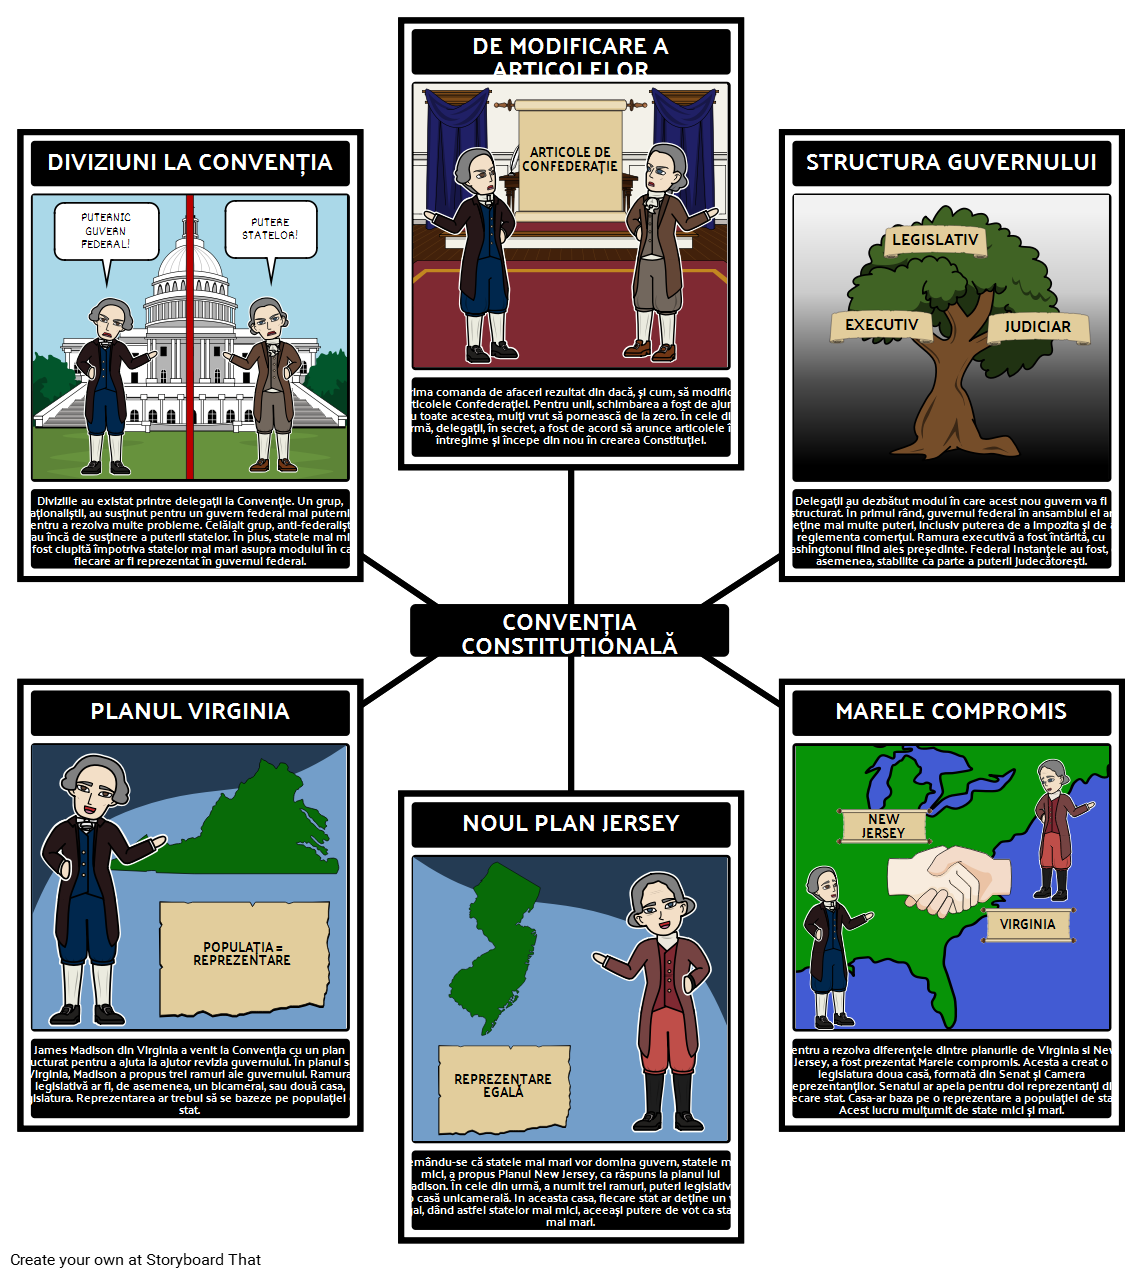 Federalismul - Convenția Constituțională